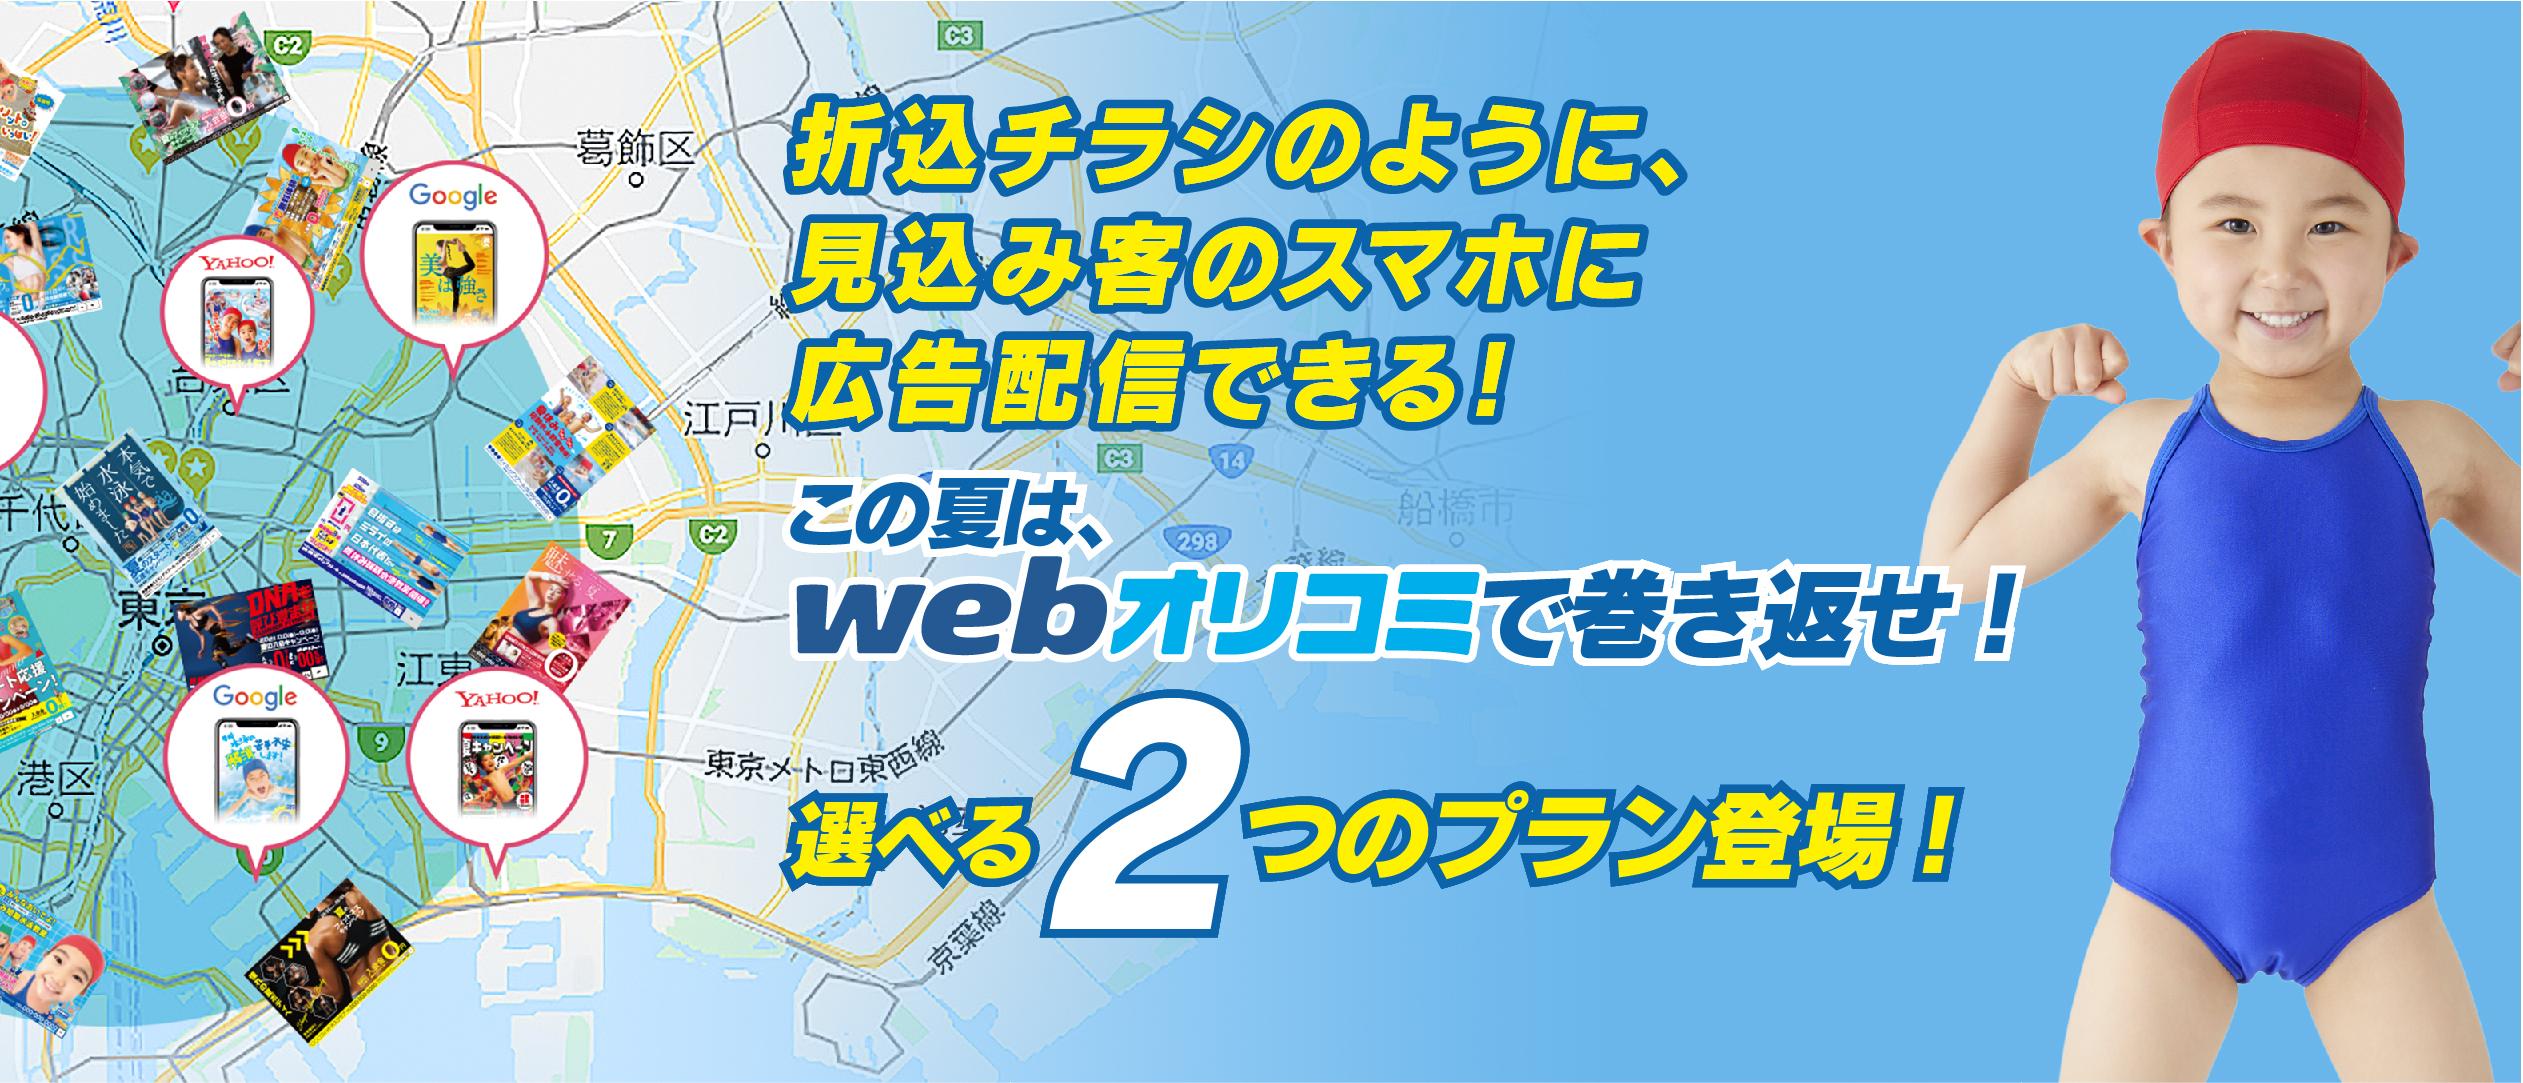 web2プラン